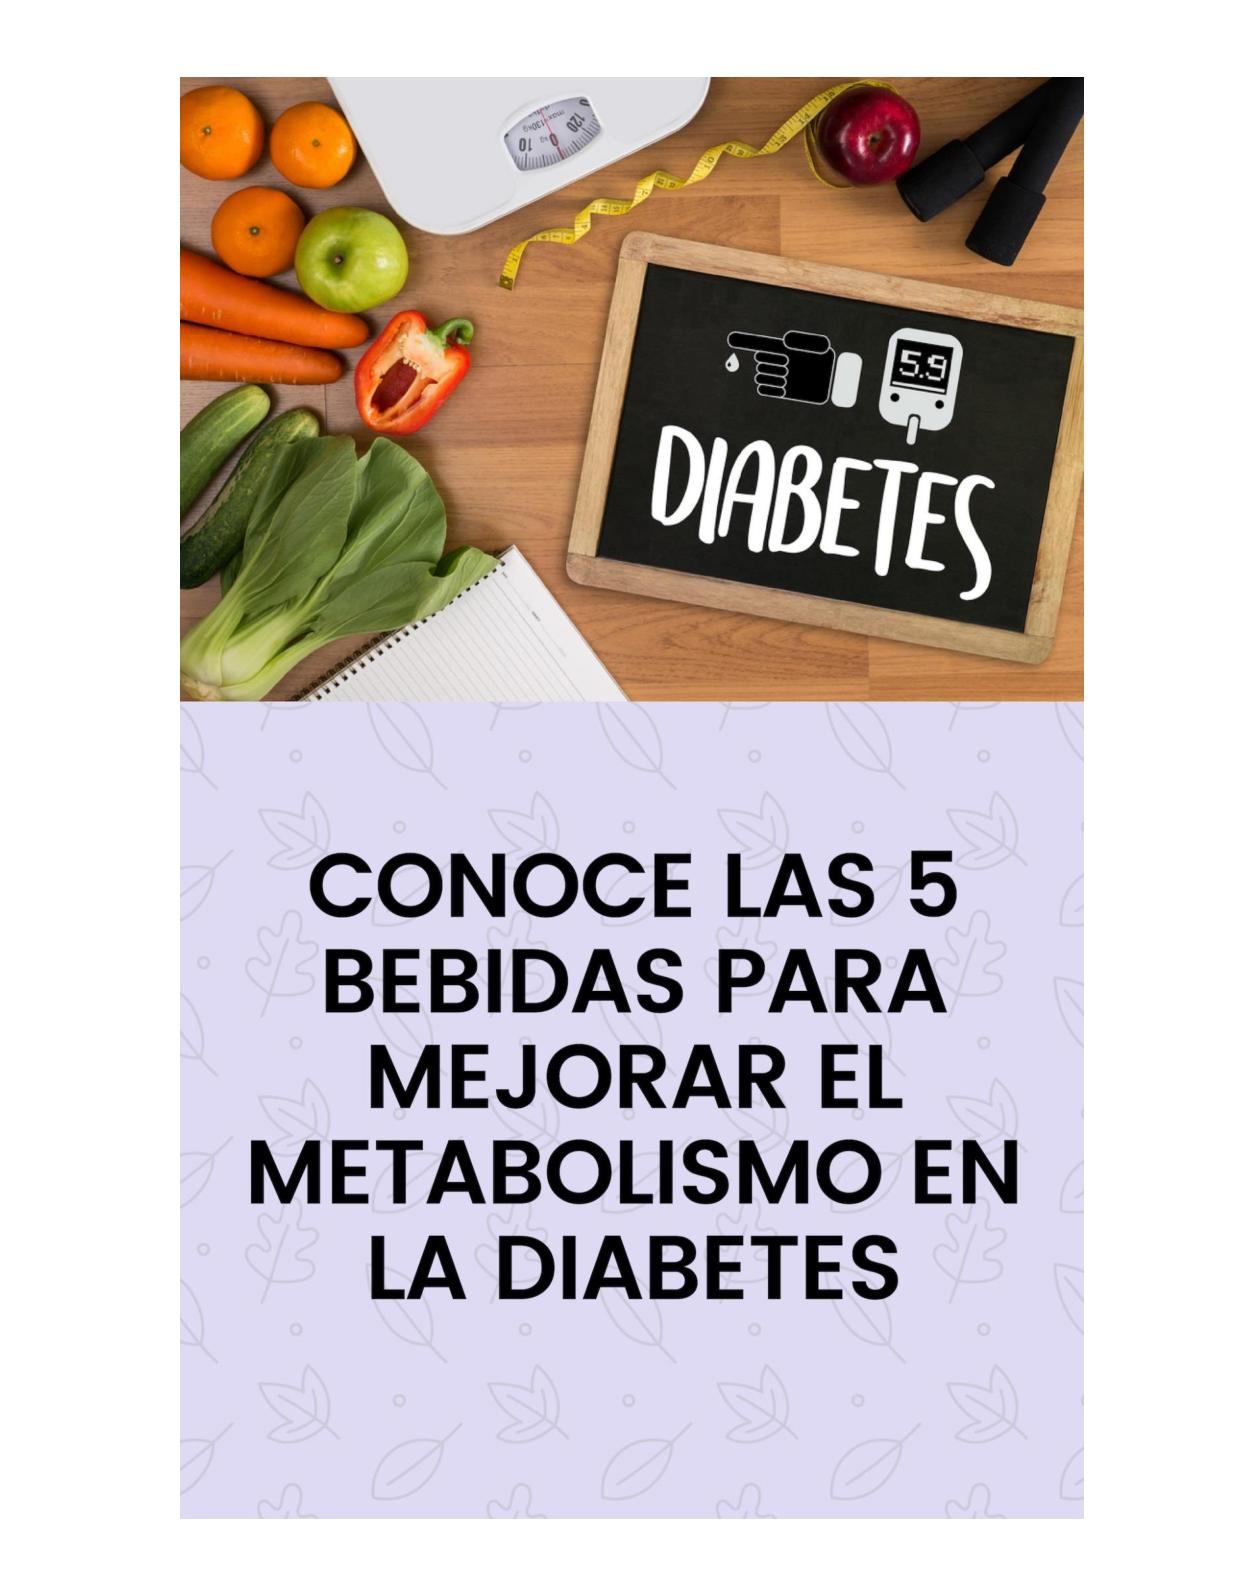 1 taza gramos de almendras y diabetes